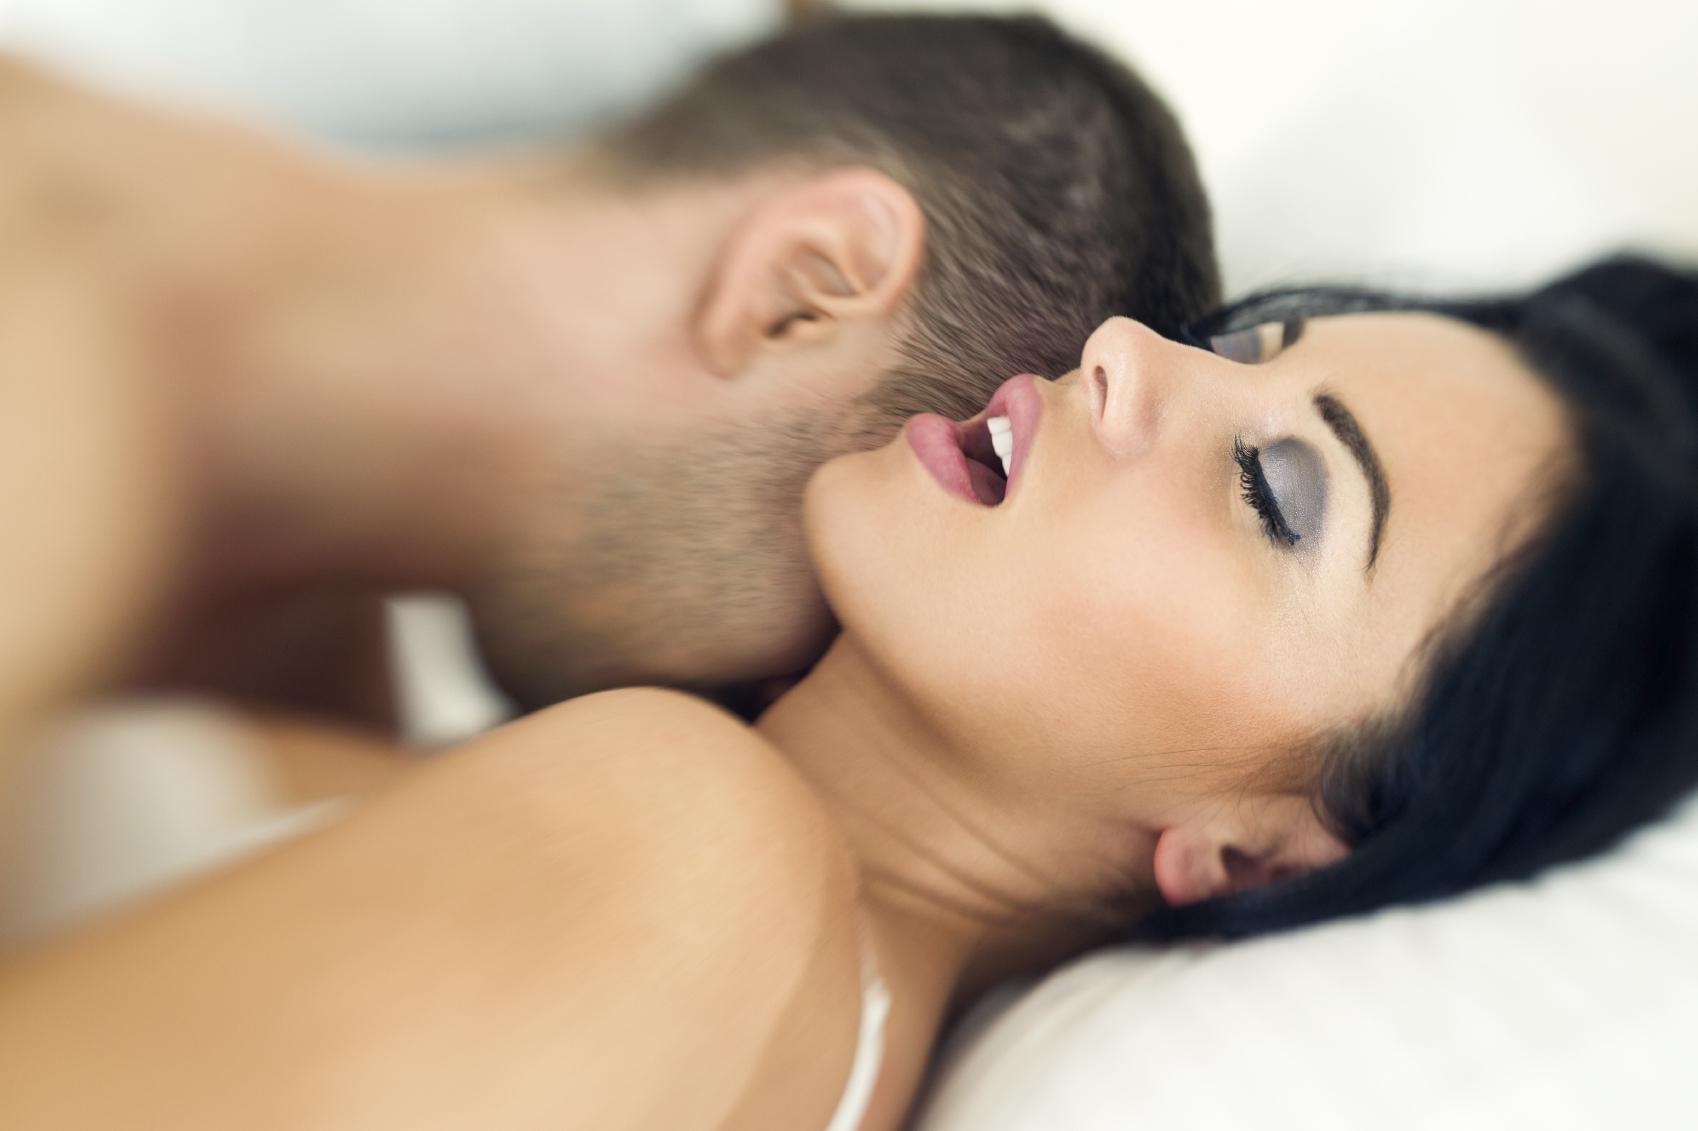 sexhistorier godnathistorie forbudte kaertegn